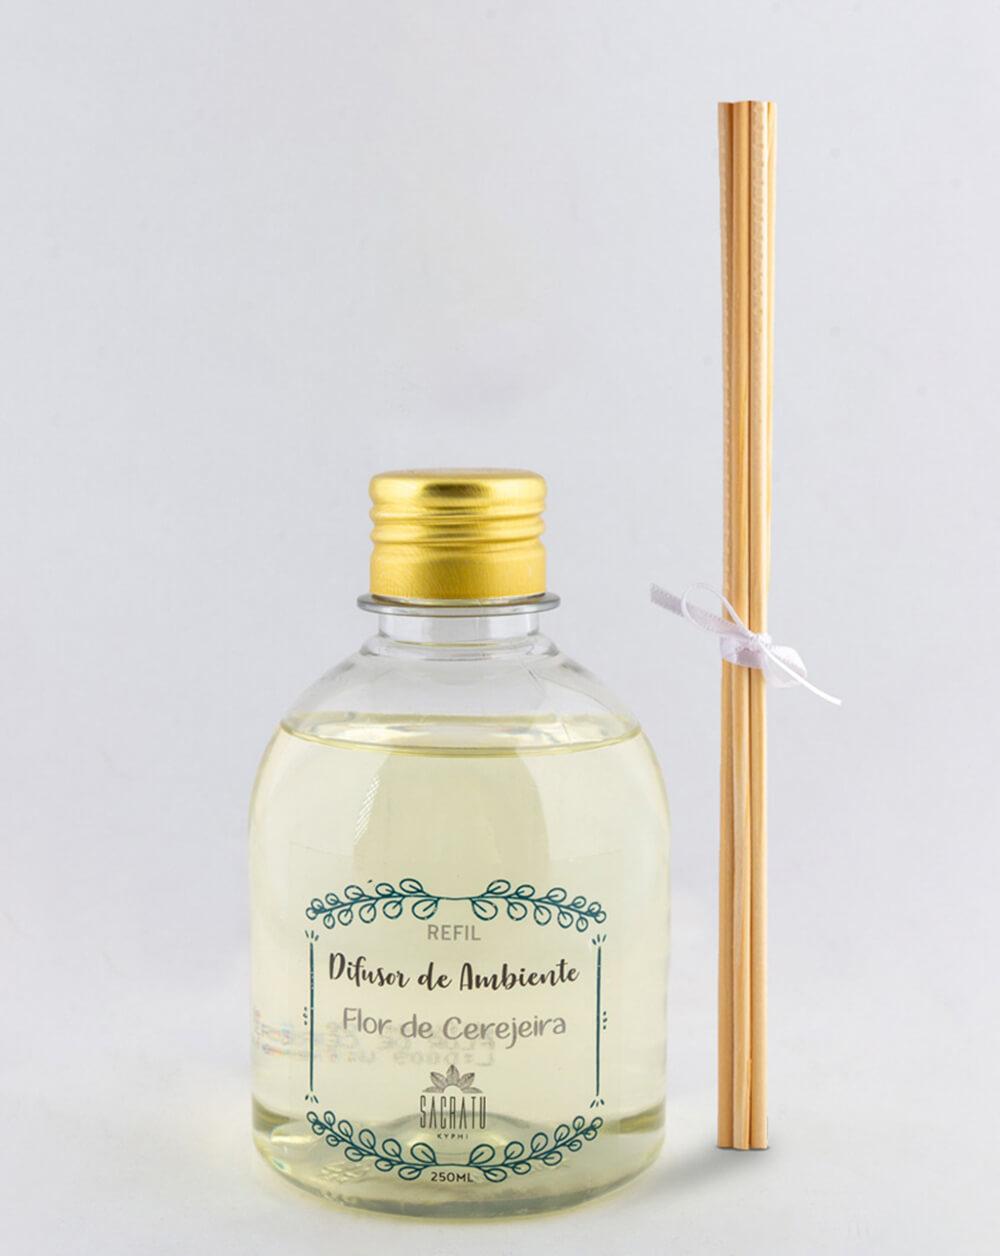 Refil para Difusor de Ambiente Flor de Cerejeira 250ml